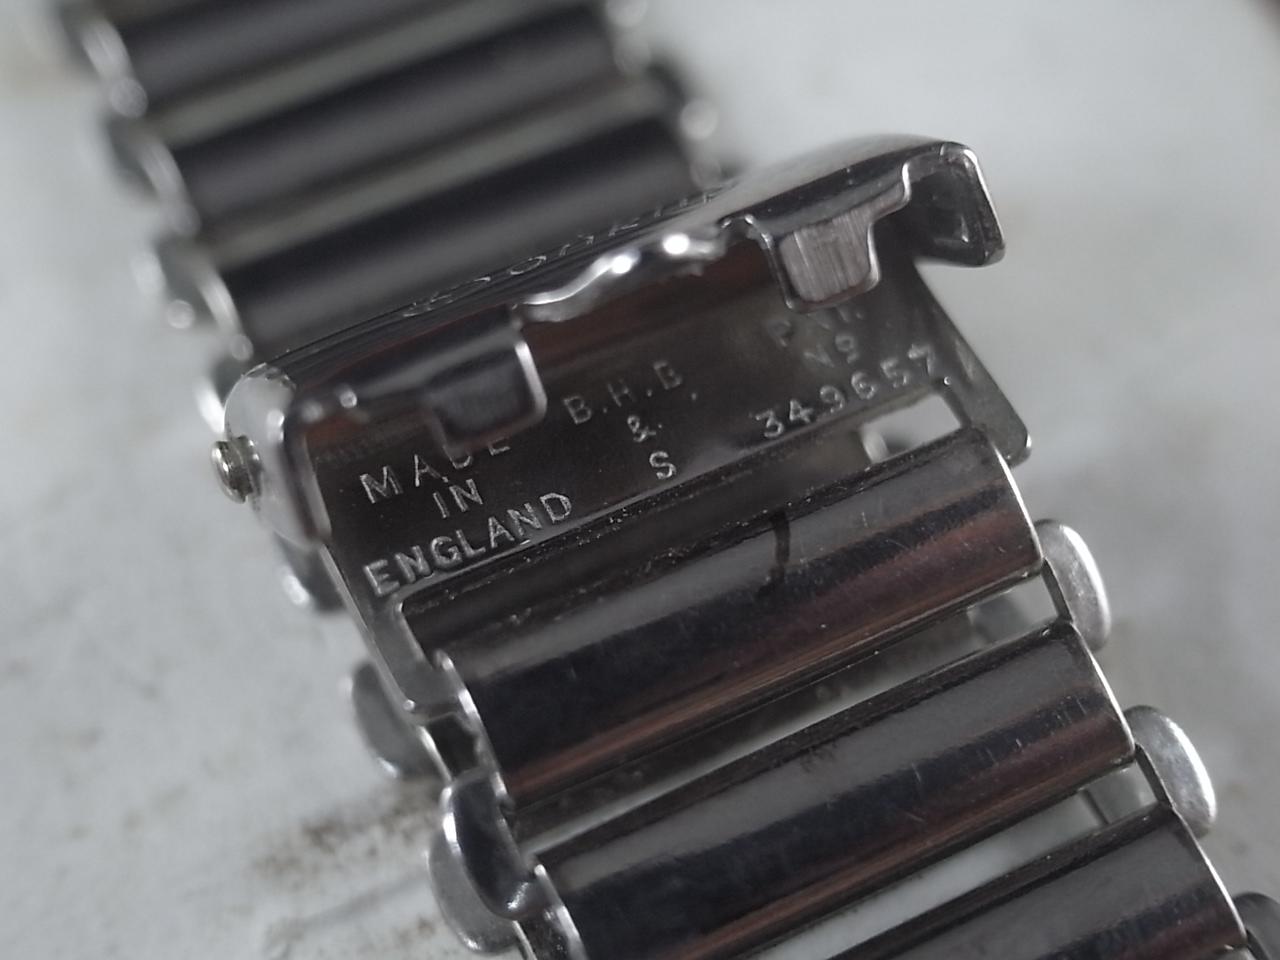 ボンクリップ バンブーブレス 筆記体ロゴ 未使用 N.O.S. 13mmタイプ 16mmの写真3枚目